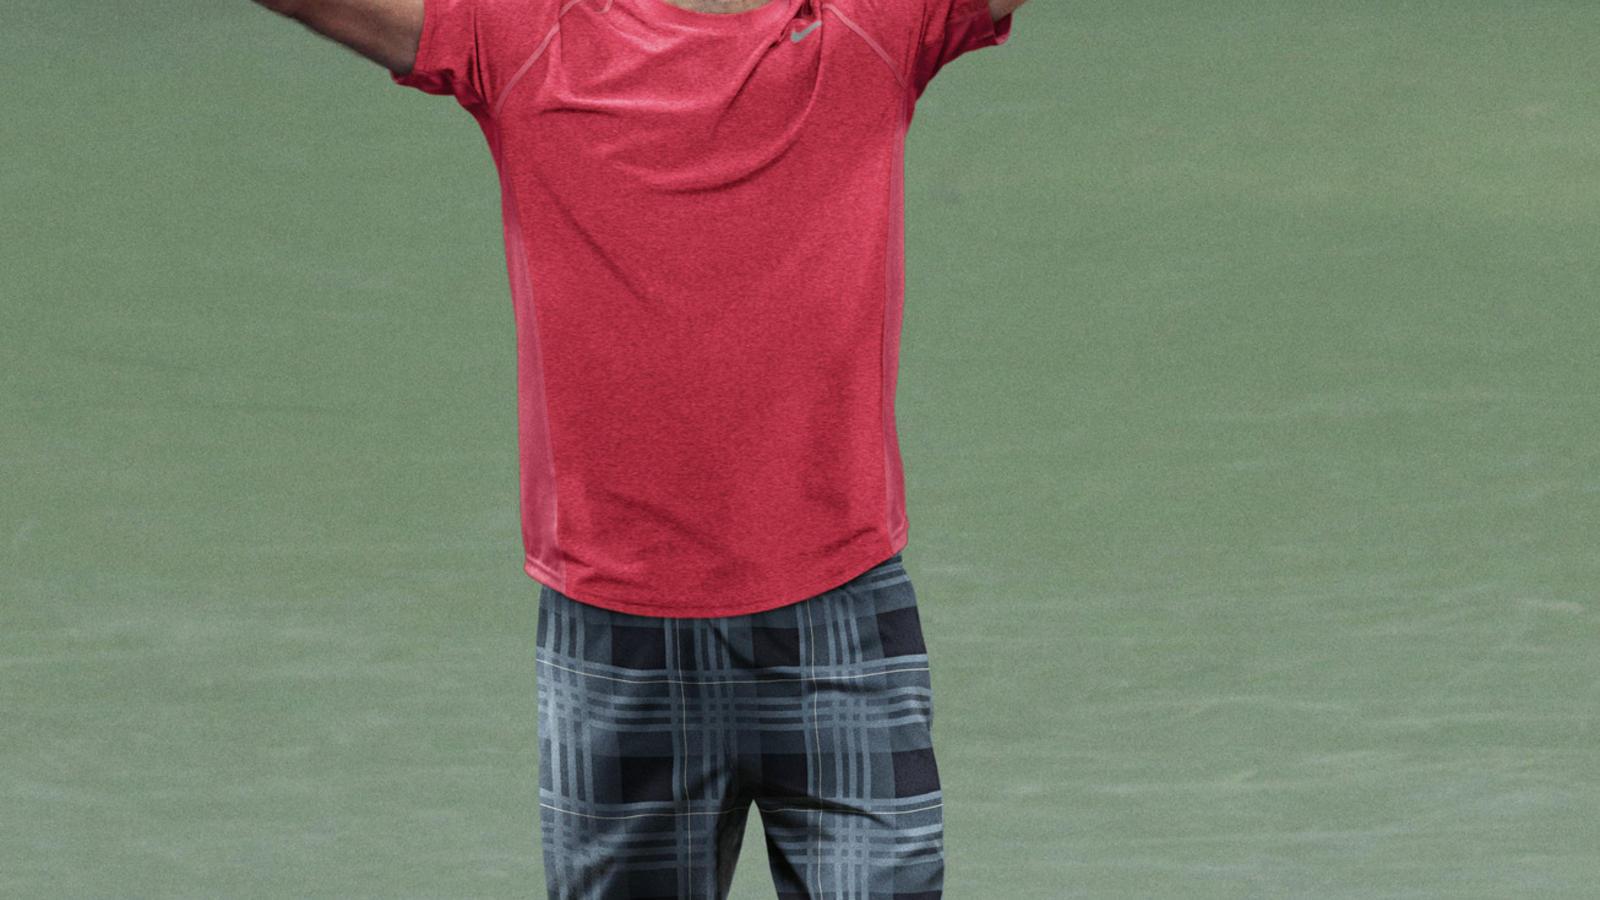 Nike Tennis Del Potro Day